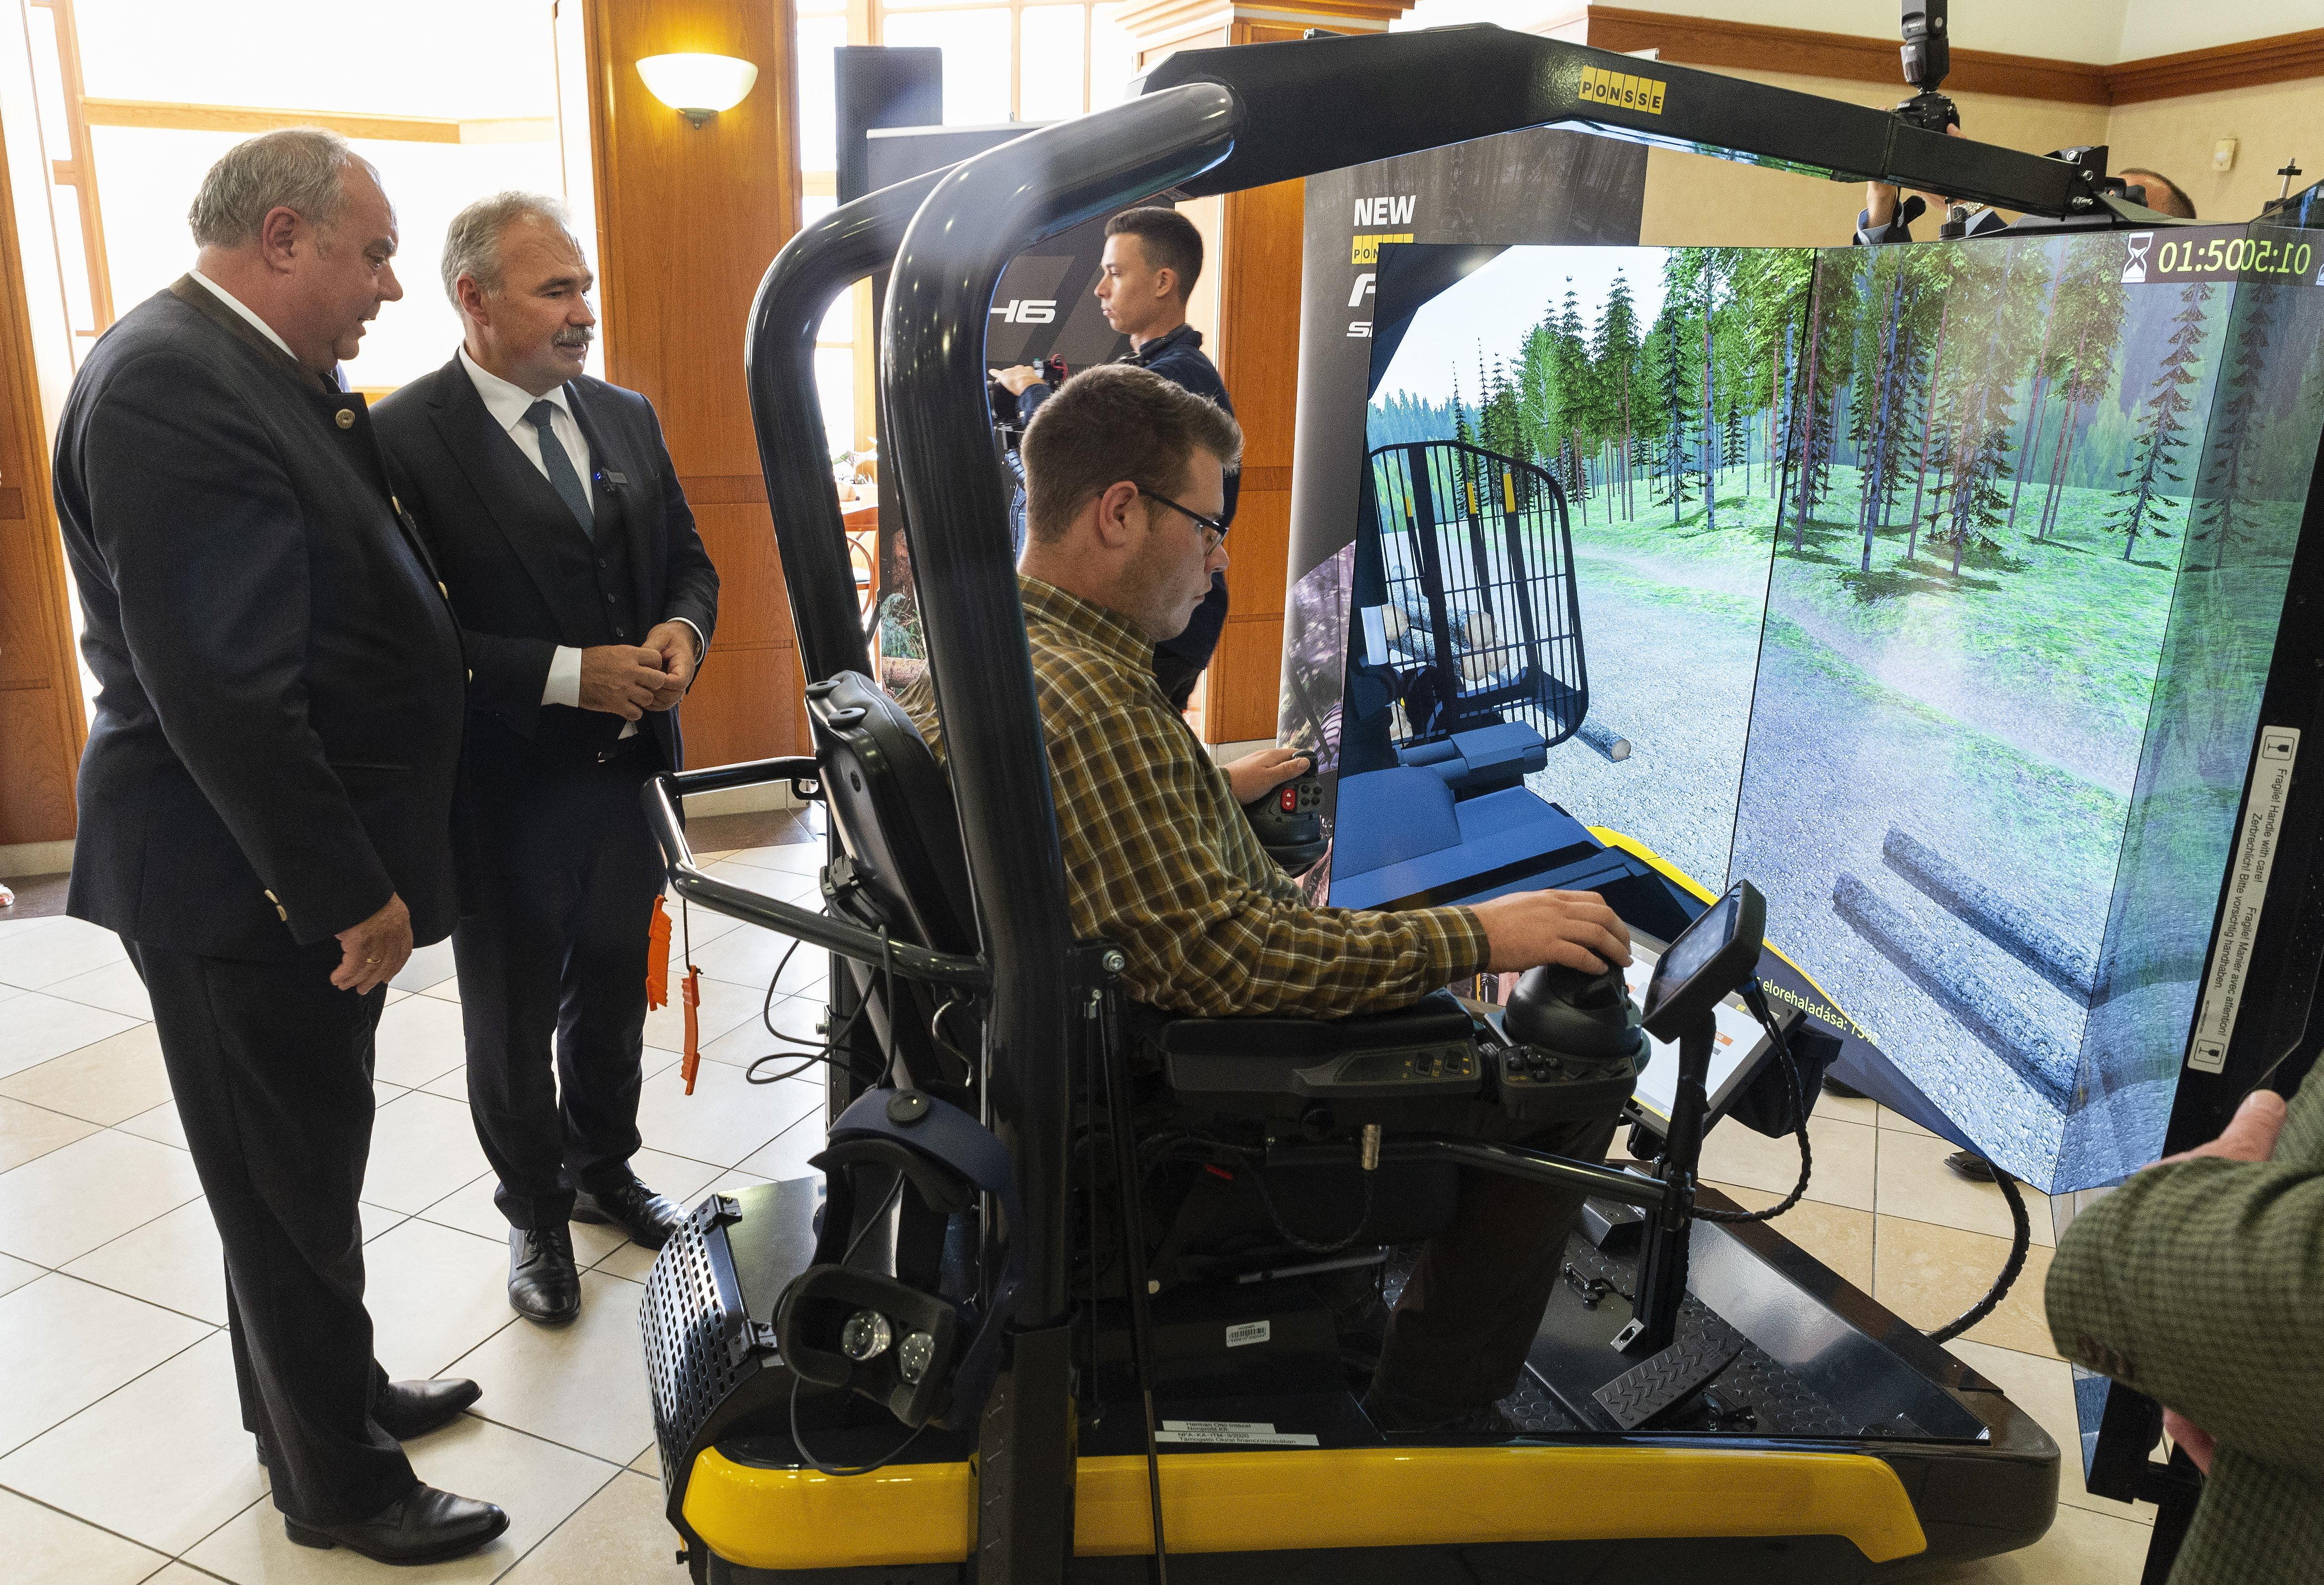 Nagy István megtekintett egy erdészeti munkagép-szimulátort